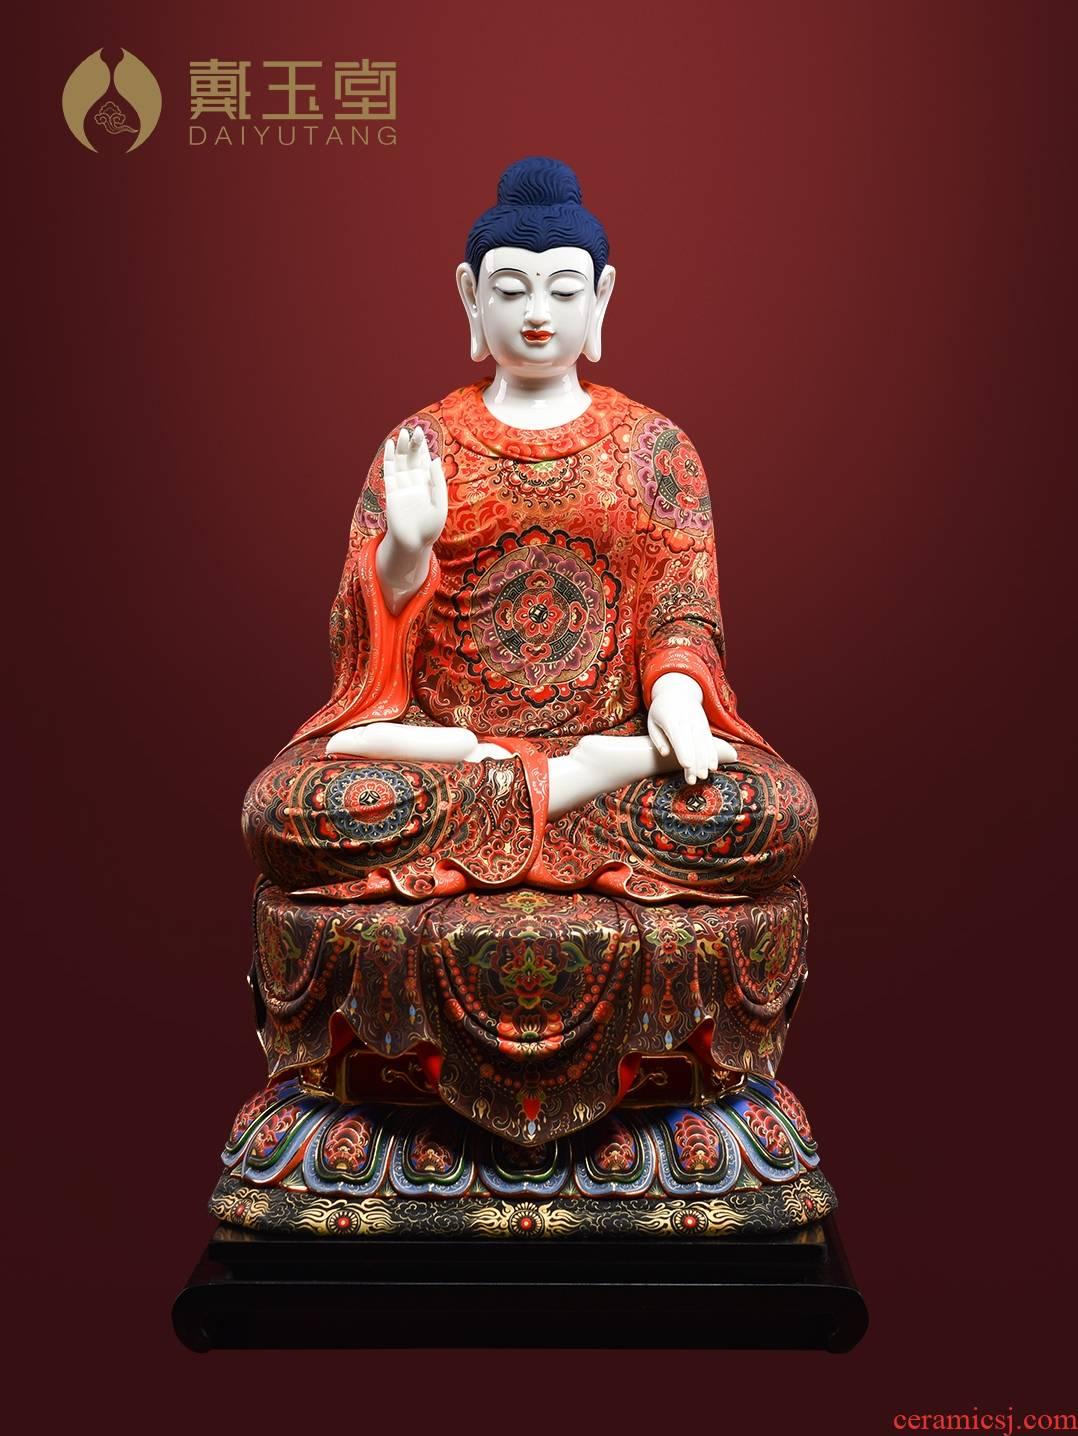 Yutang dai ceramic Buddha statute to occupy the extremely Buddha shakyamuni Buddha had handicraft furnishing articles